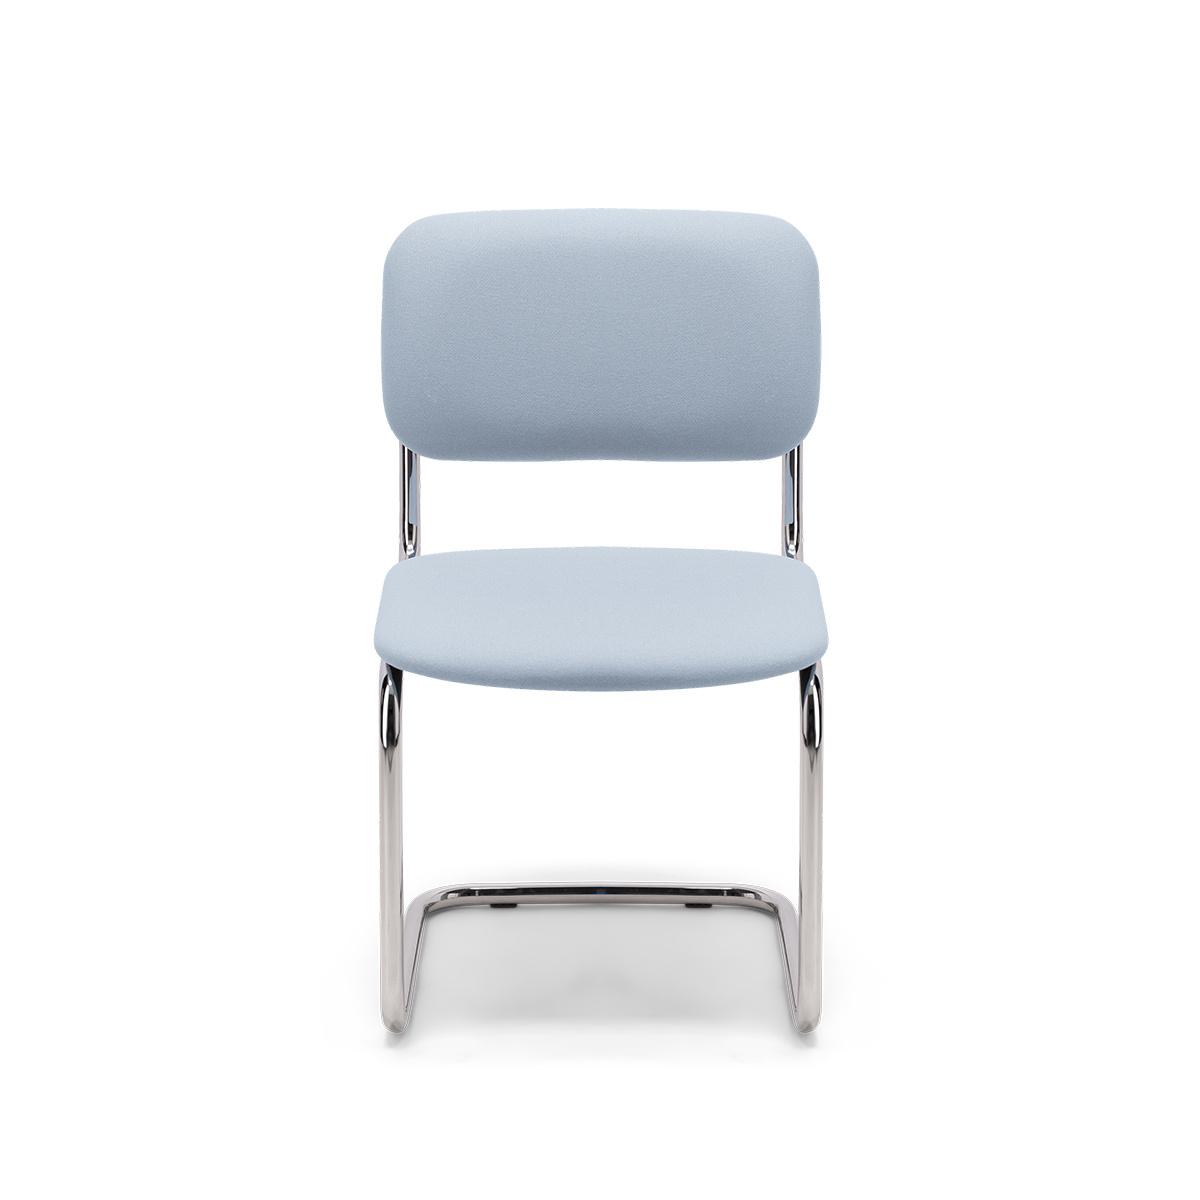 Chaise Classica feutre bleu pastel